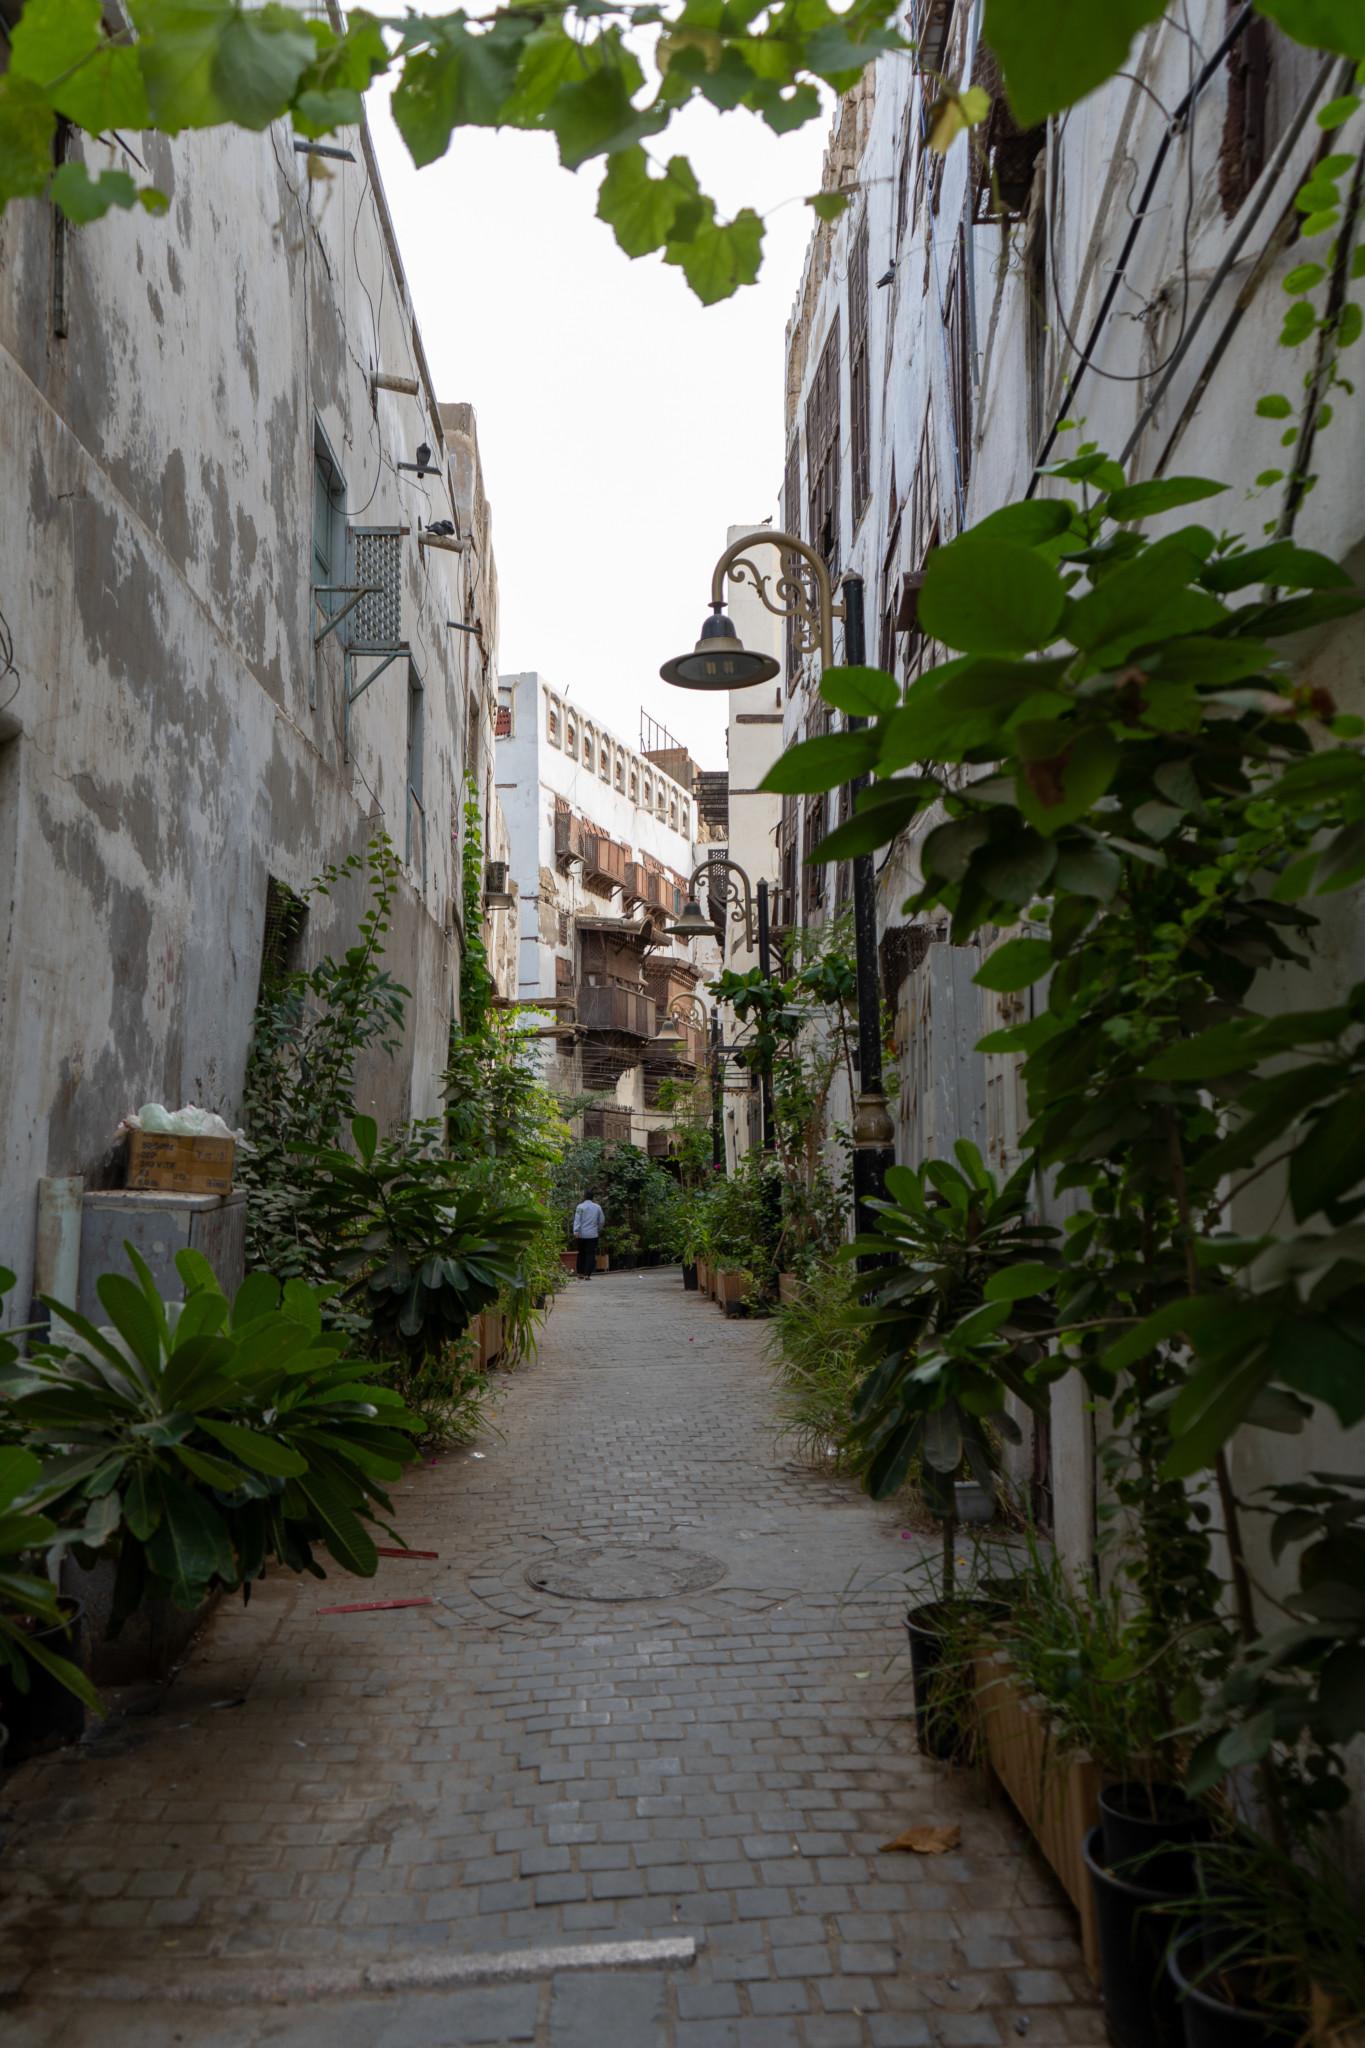 Bepflanzte Gasse in der Altstadt von Jeddah